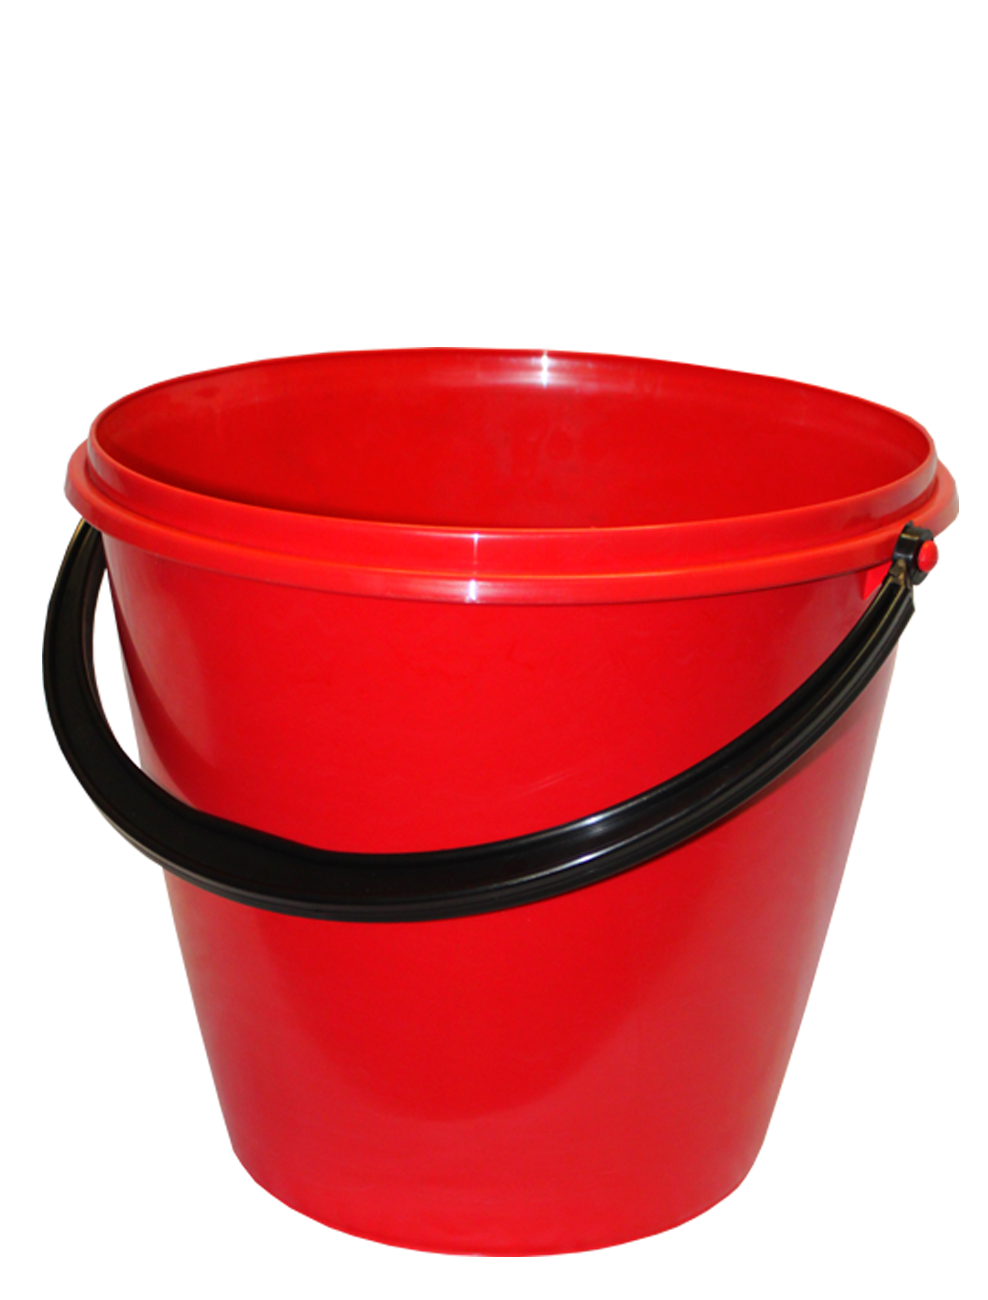 Bucket PNG - 20566